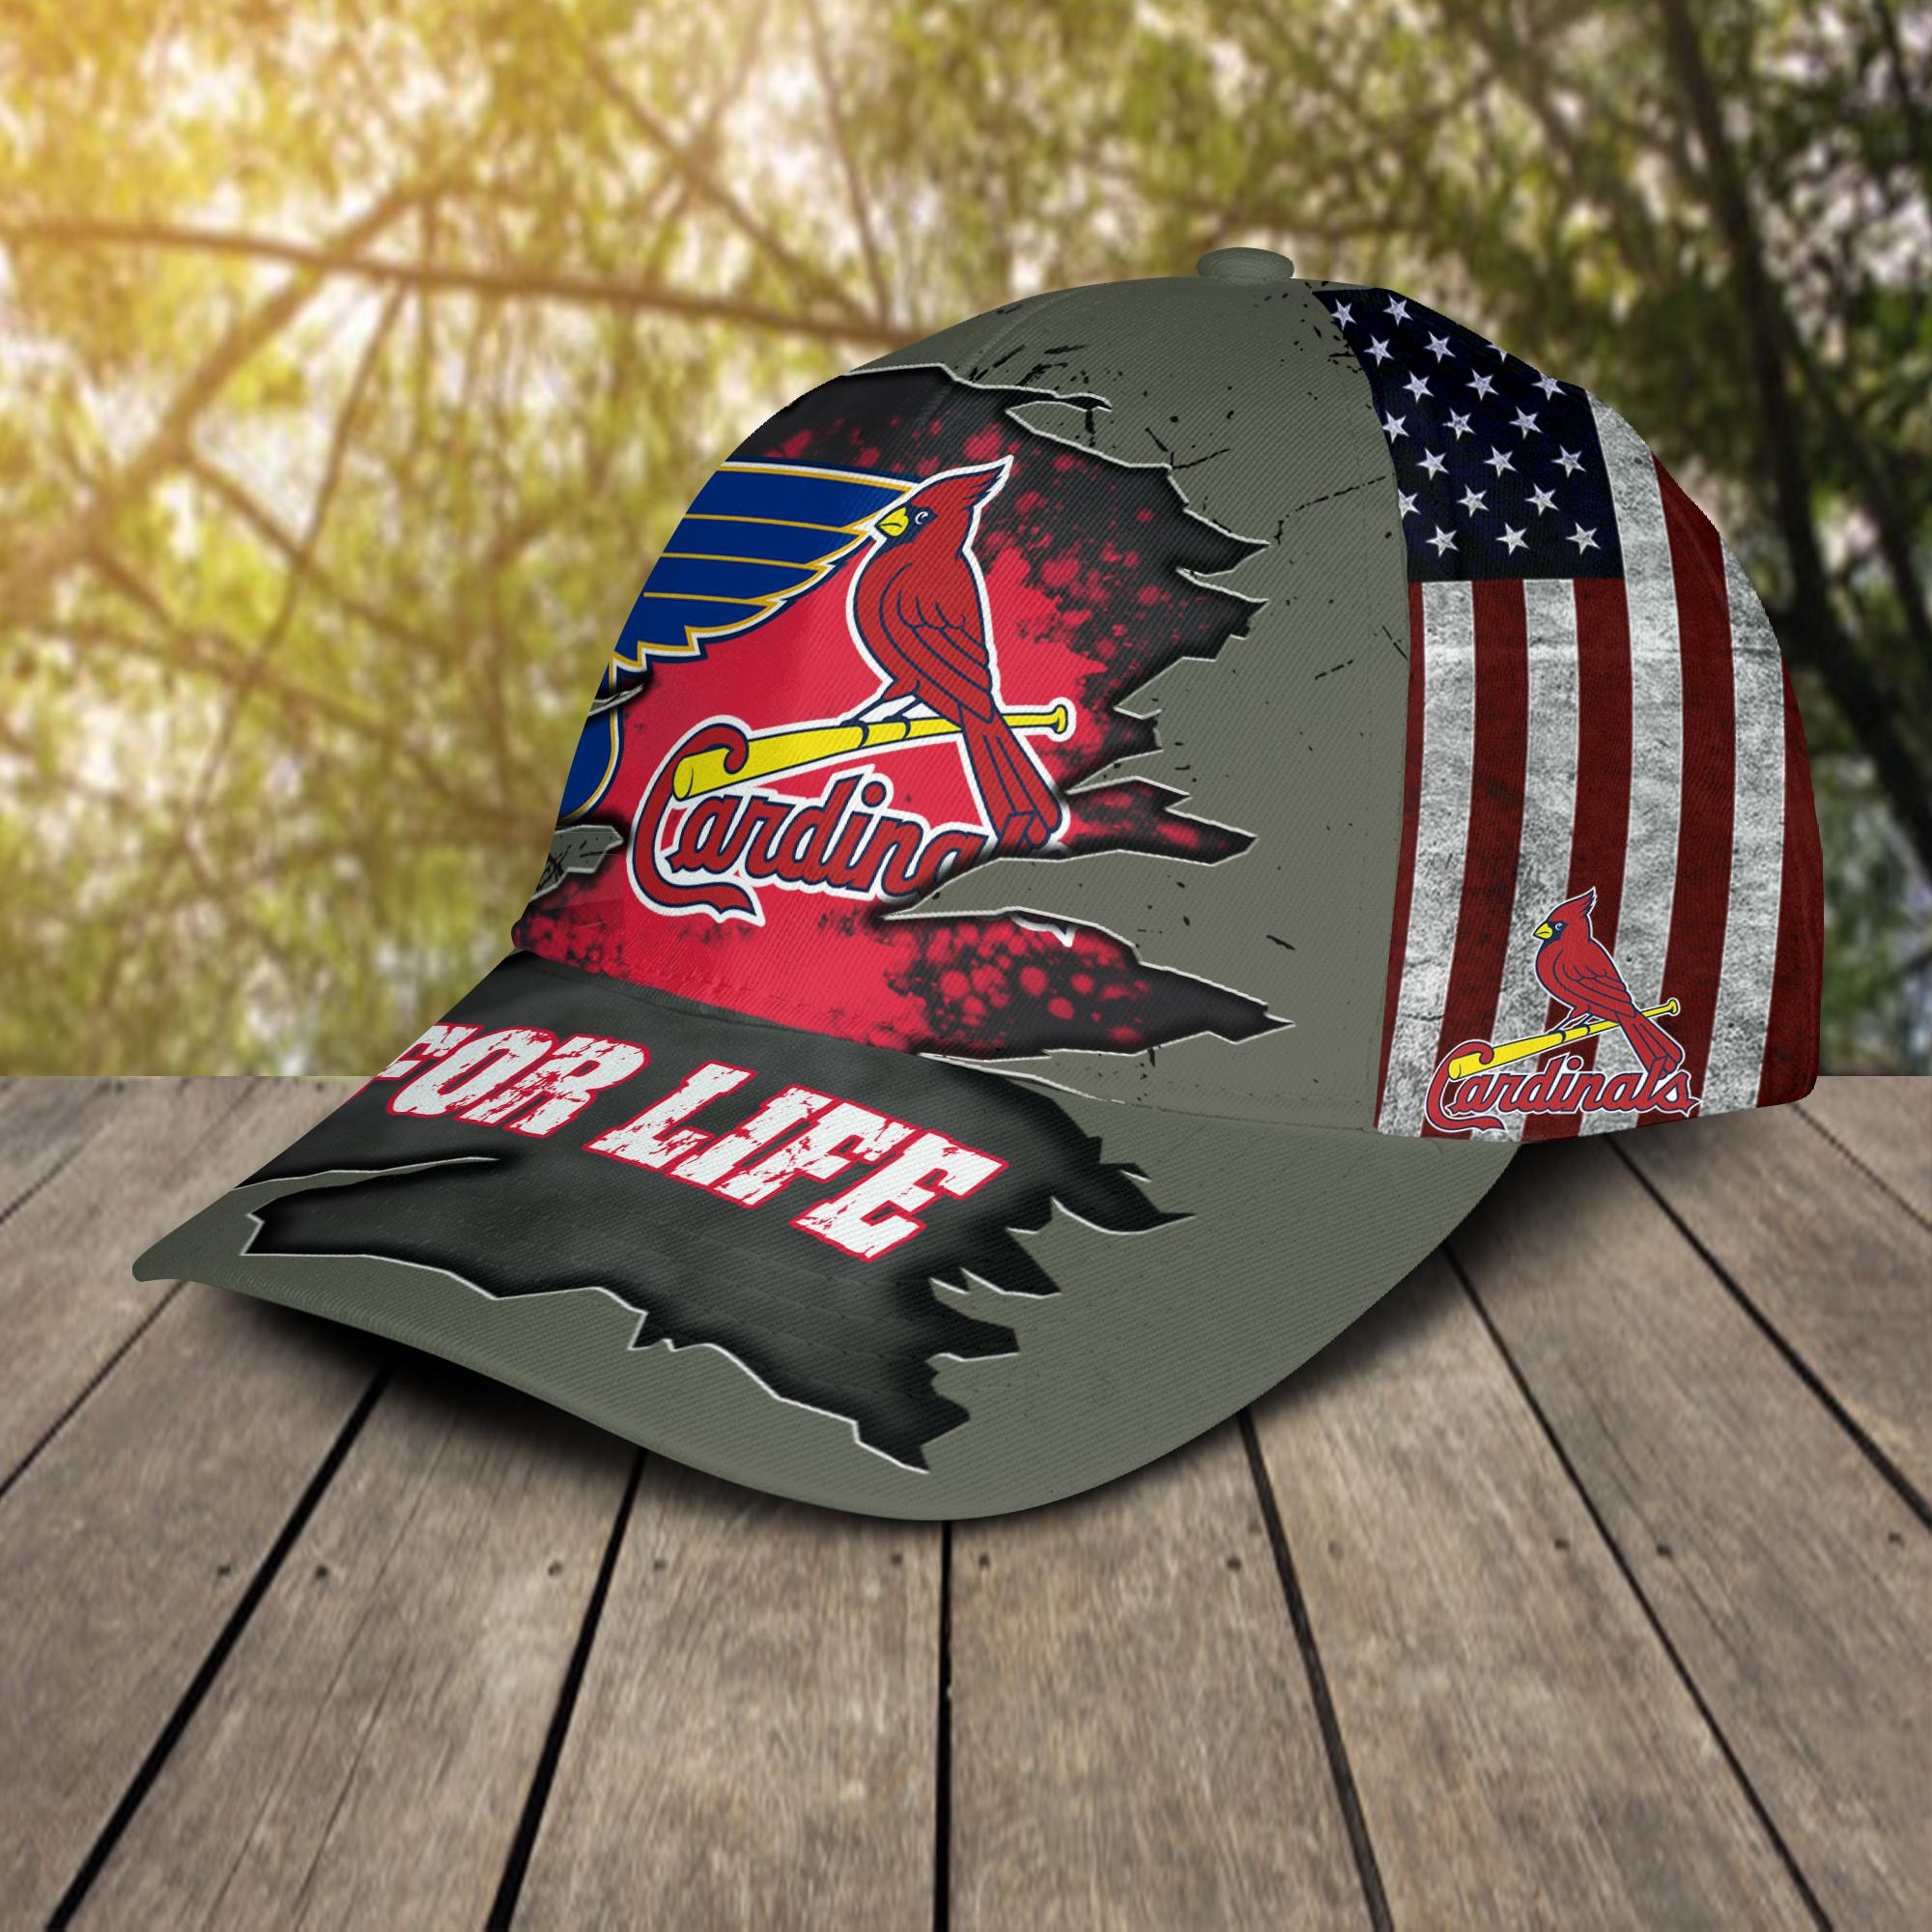 St. Louis Cardinals St. Louis Blues For Life Cap Hat-2